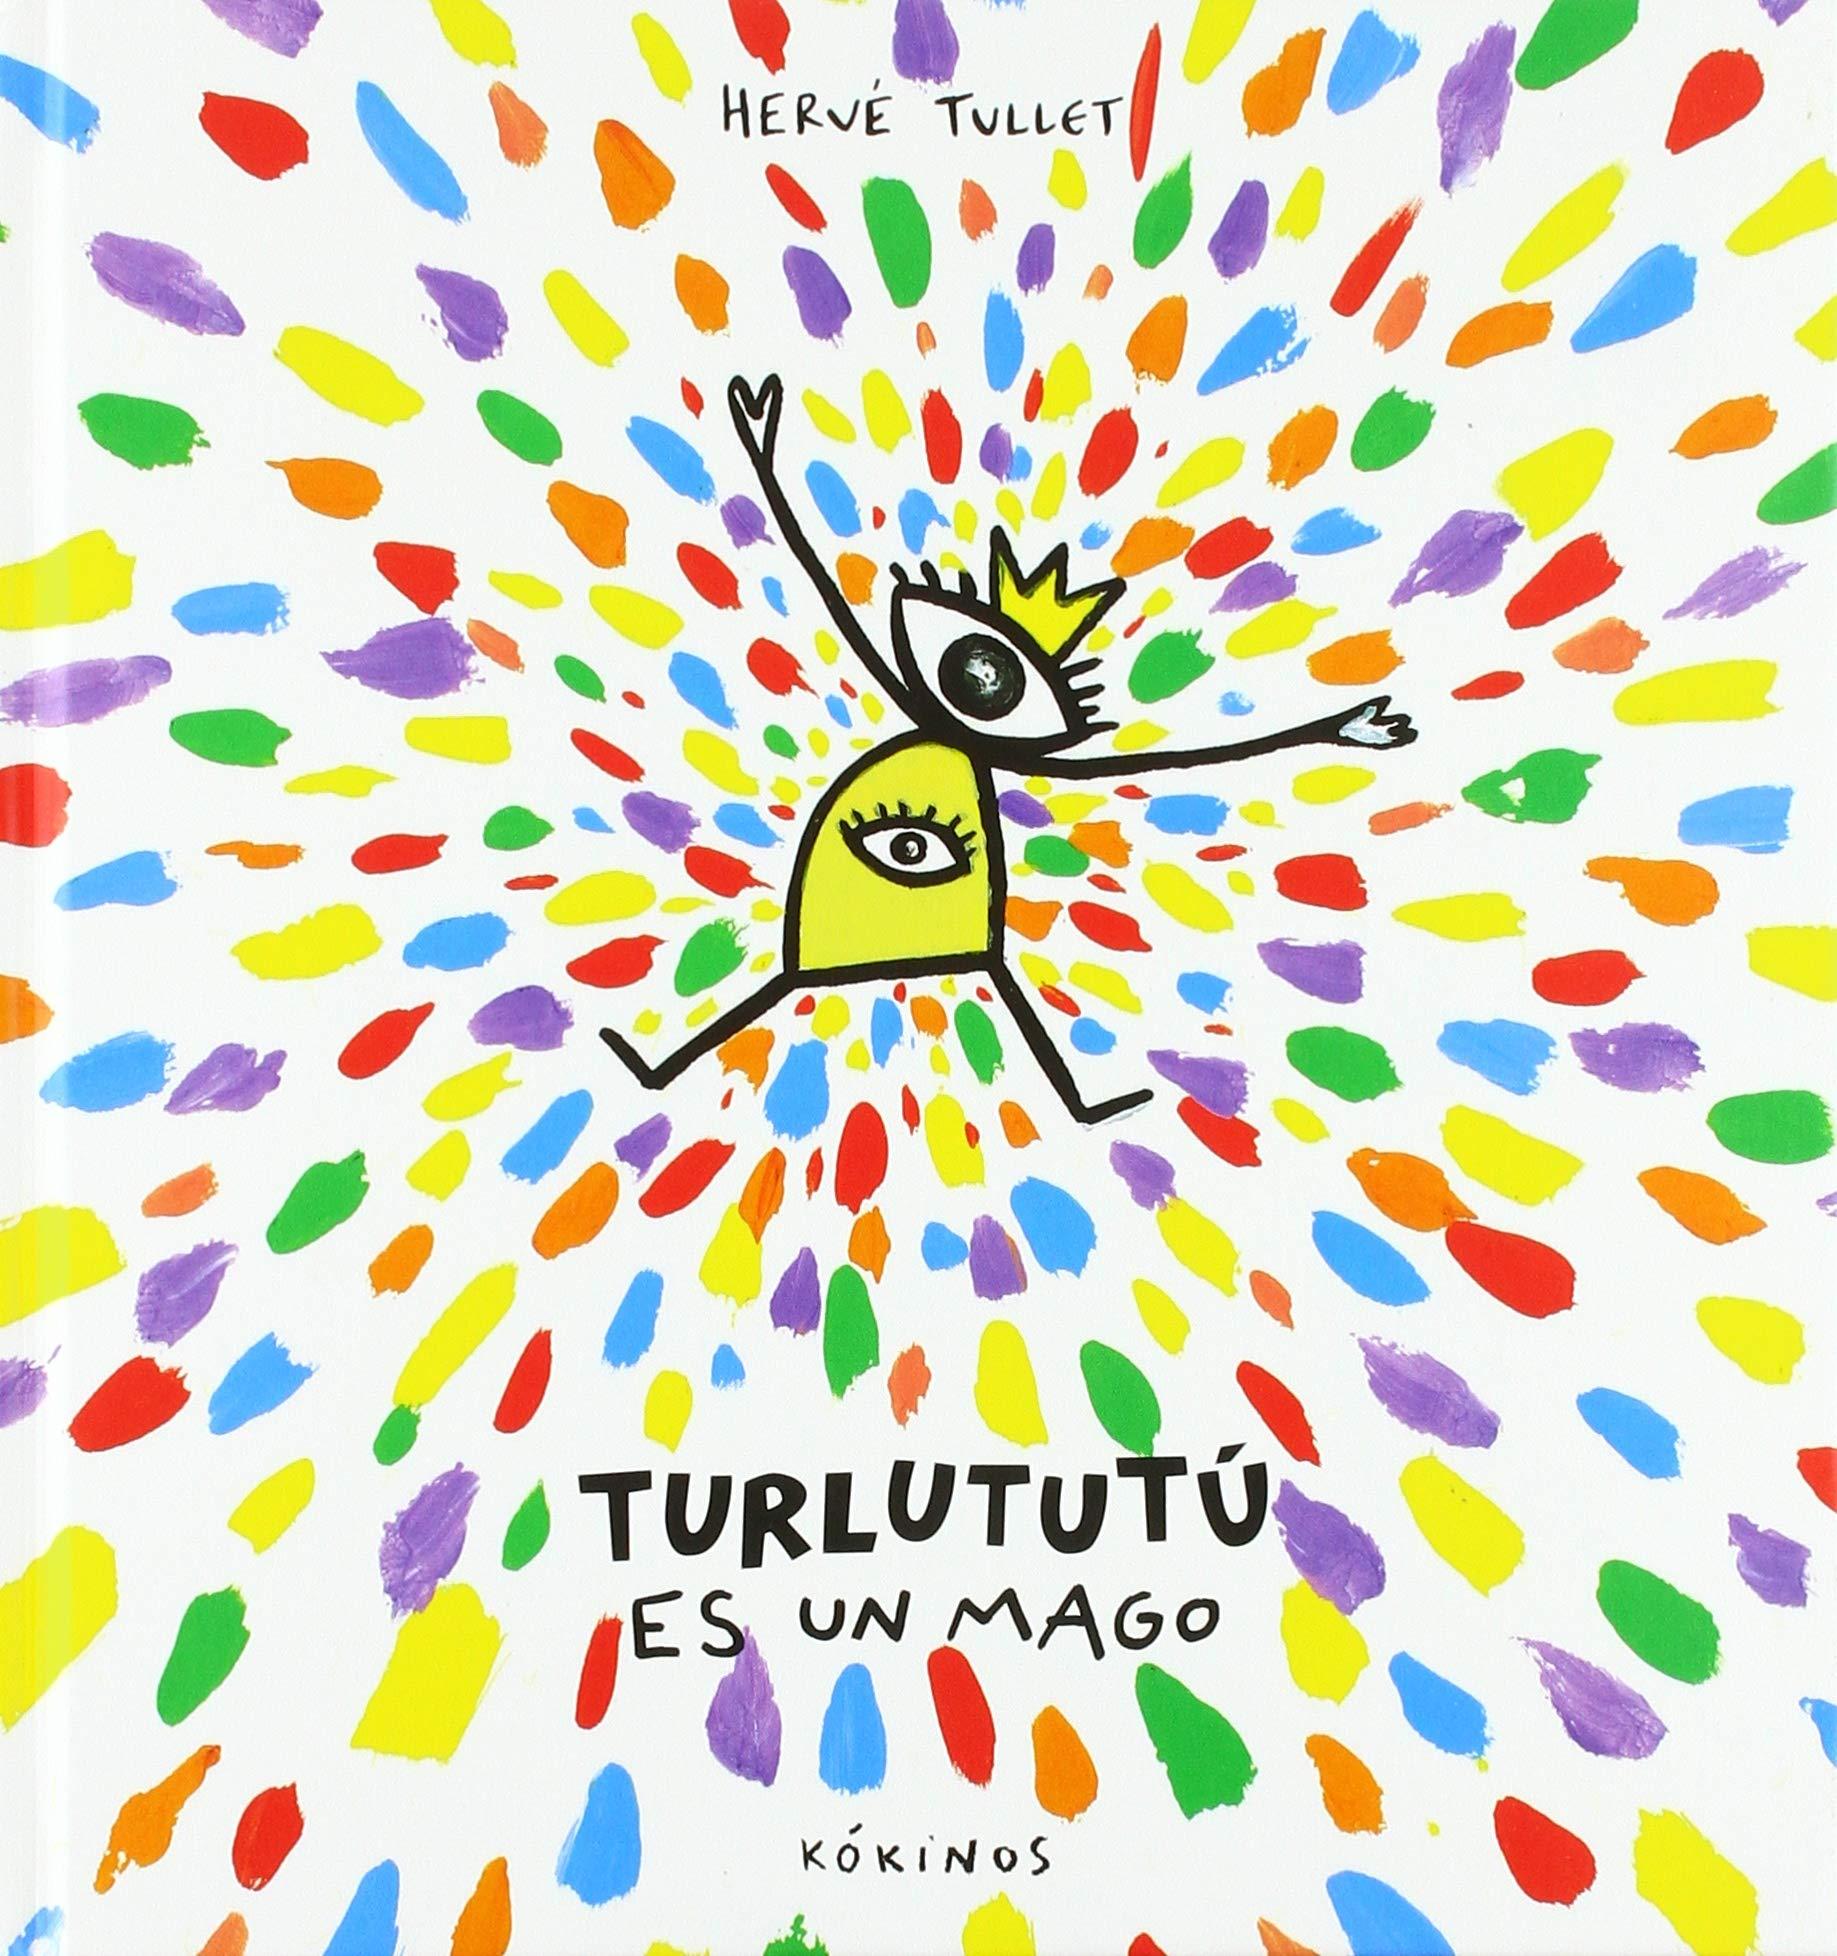 Resultado de imagen de turlututu es un mago